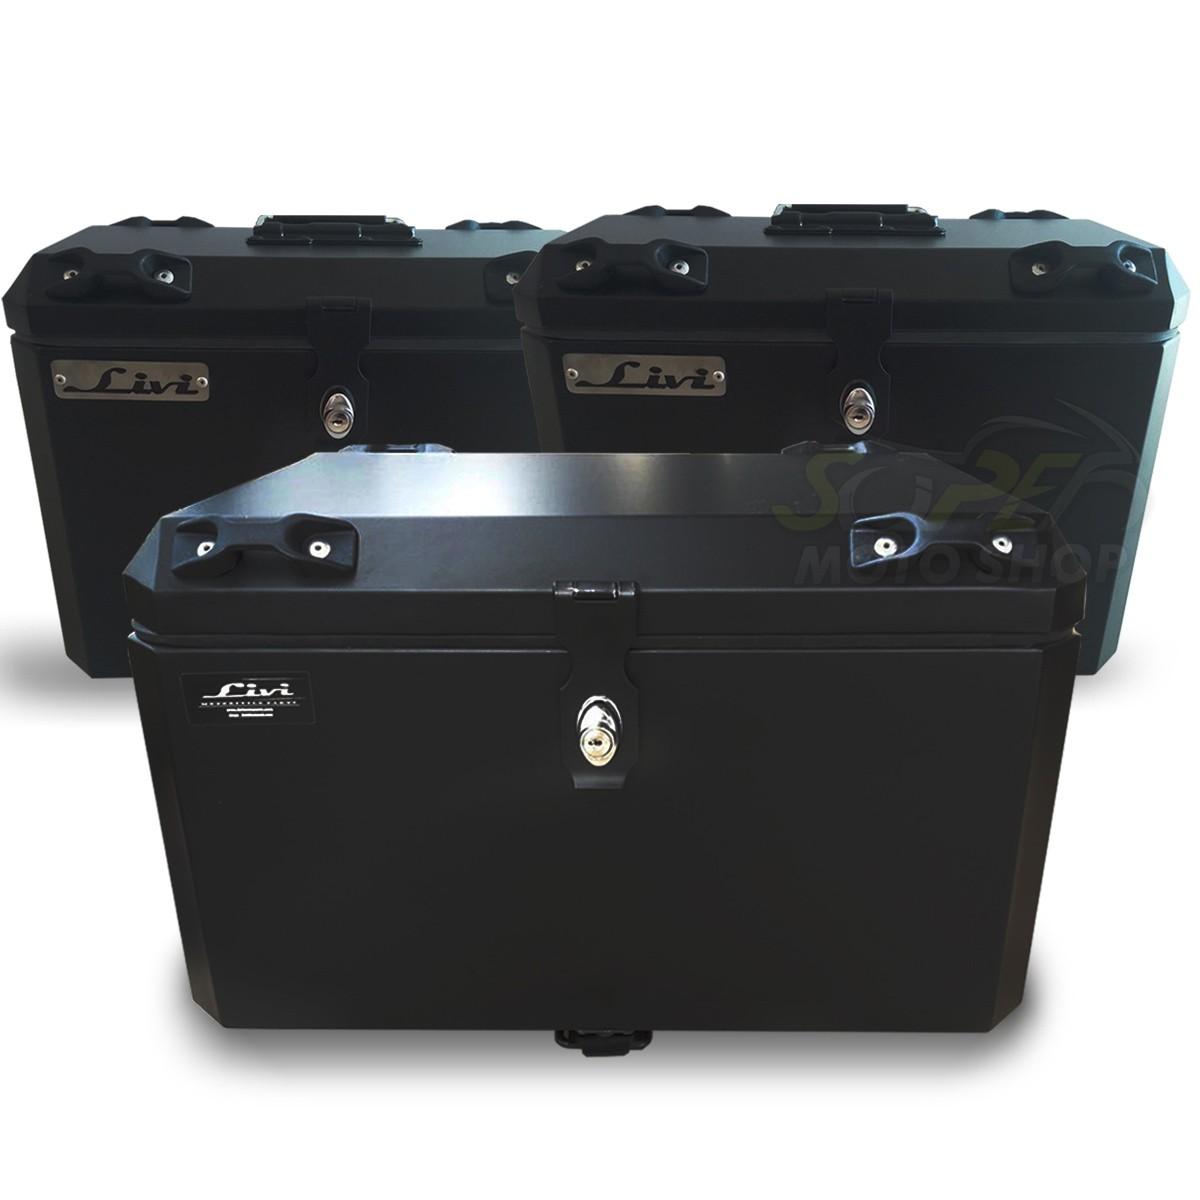 Kit Baú / Bauleto Alumínio Traseiro Top Case + Lateral Side Case + Suporte Para Baú de Alumínio Livi - GS 1200 LC ano 2013 em Diante - BMW